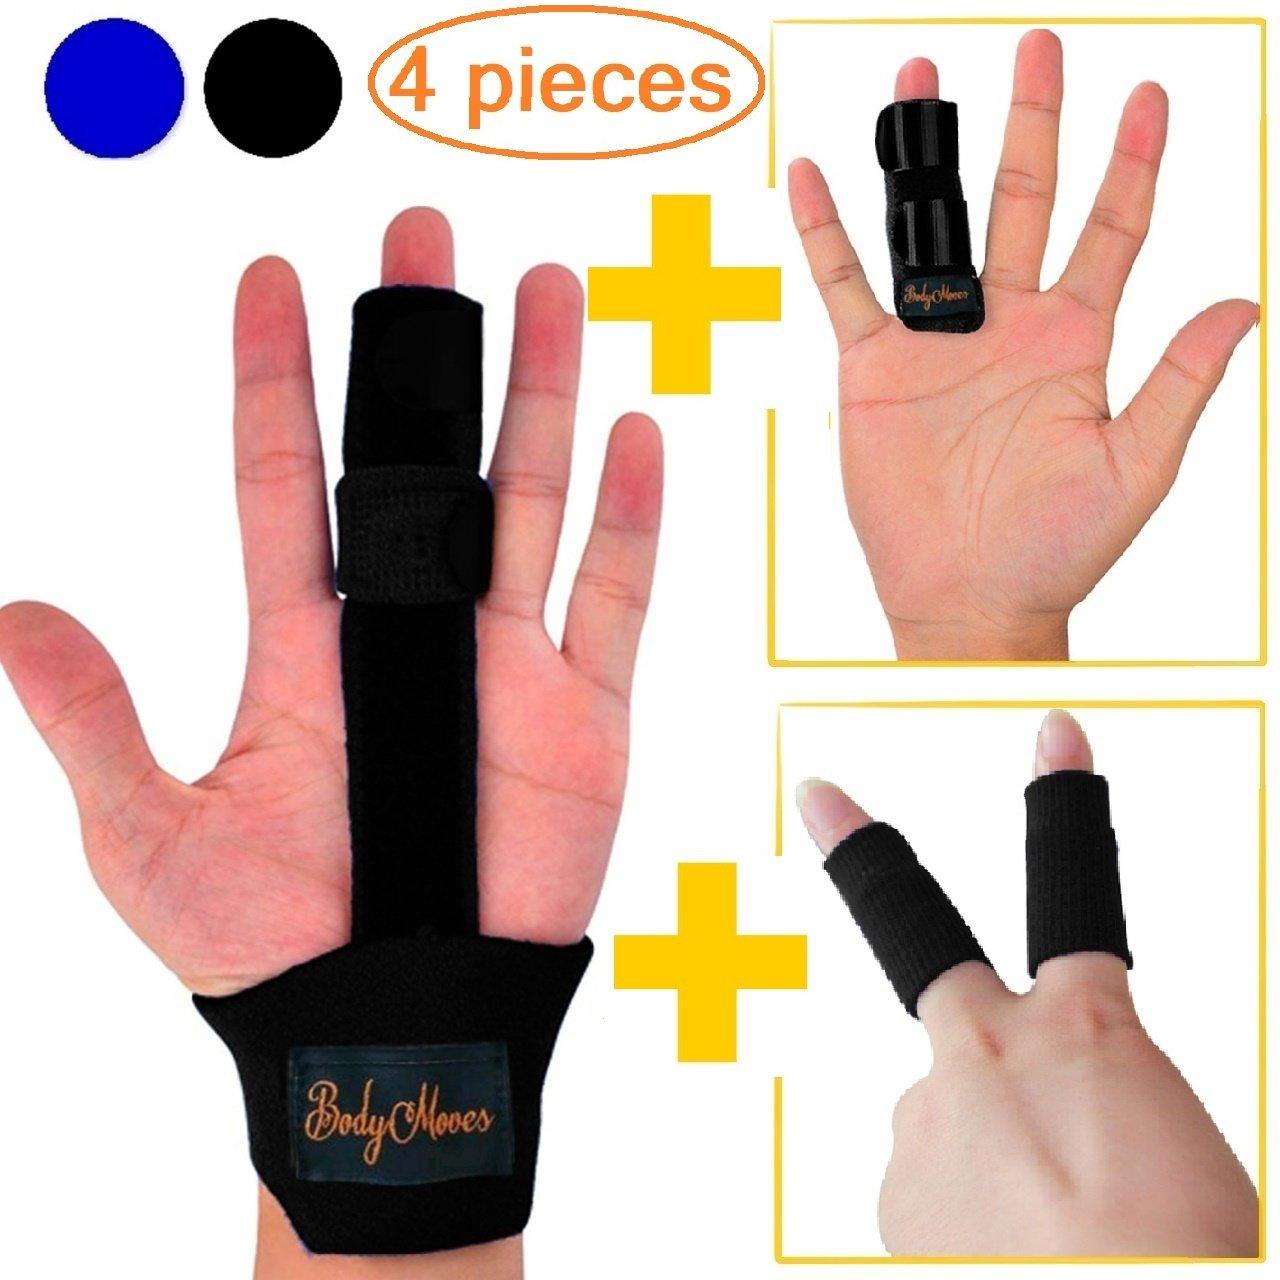 BodyMoves Finger Splint Plus Finger Extension Splint Plus 2 Nylon Sleeves for Trigger Finger Mallet Finger Broken Finger Rheumatoid Arthritis Post Operative Care (Midnight Black)